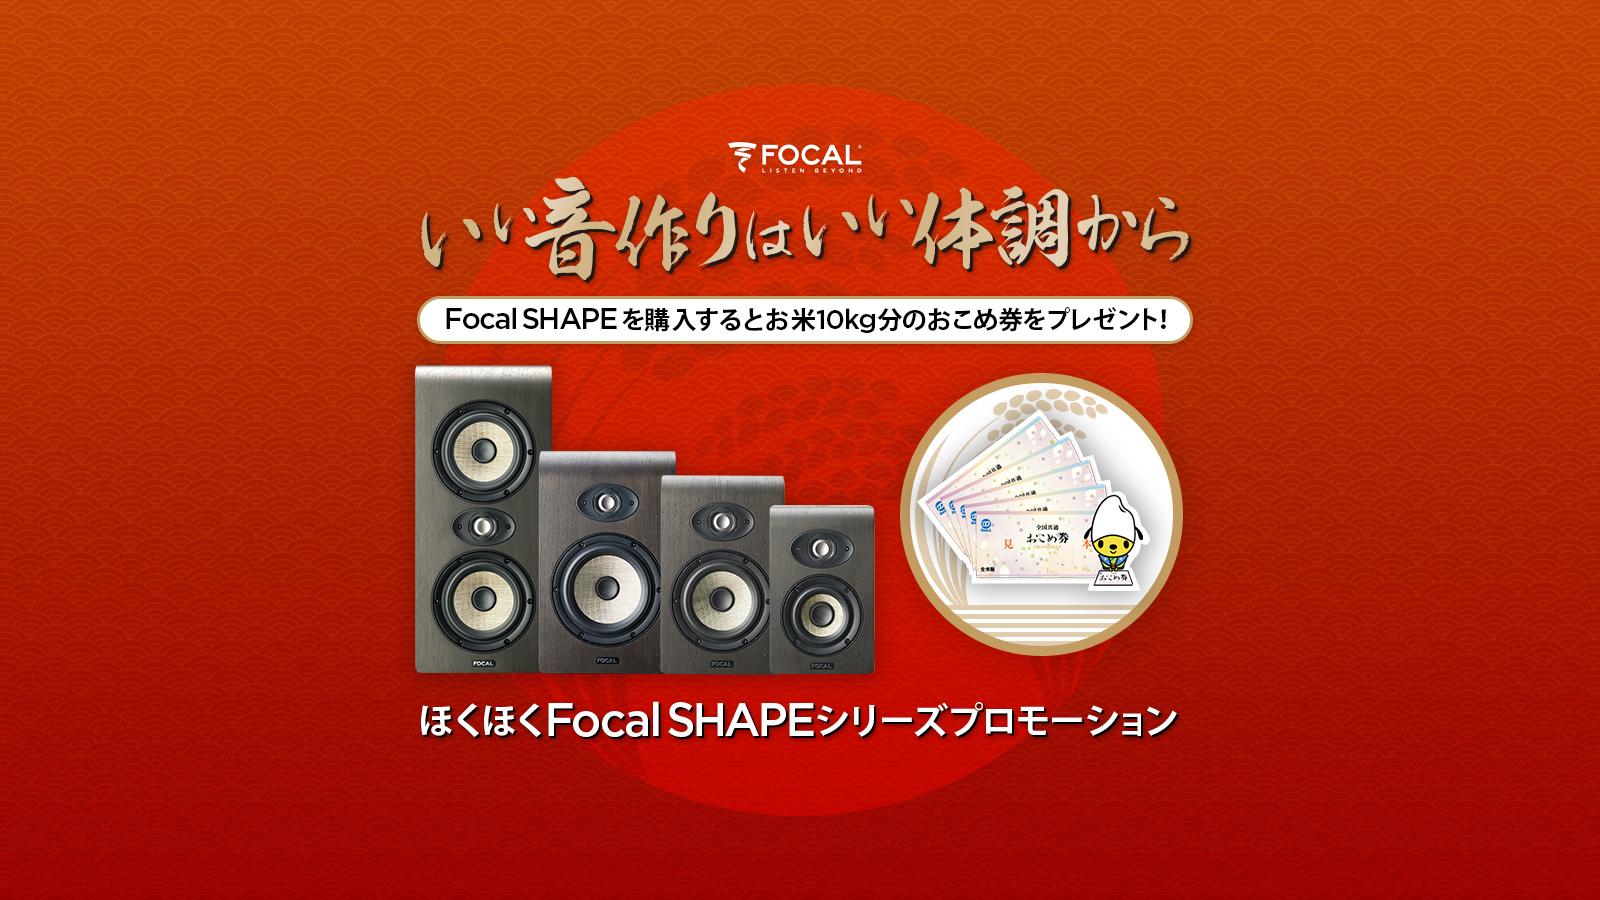 ほくほくFocal SHAPEシリーズプロモーション